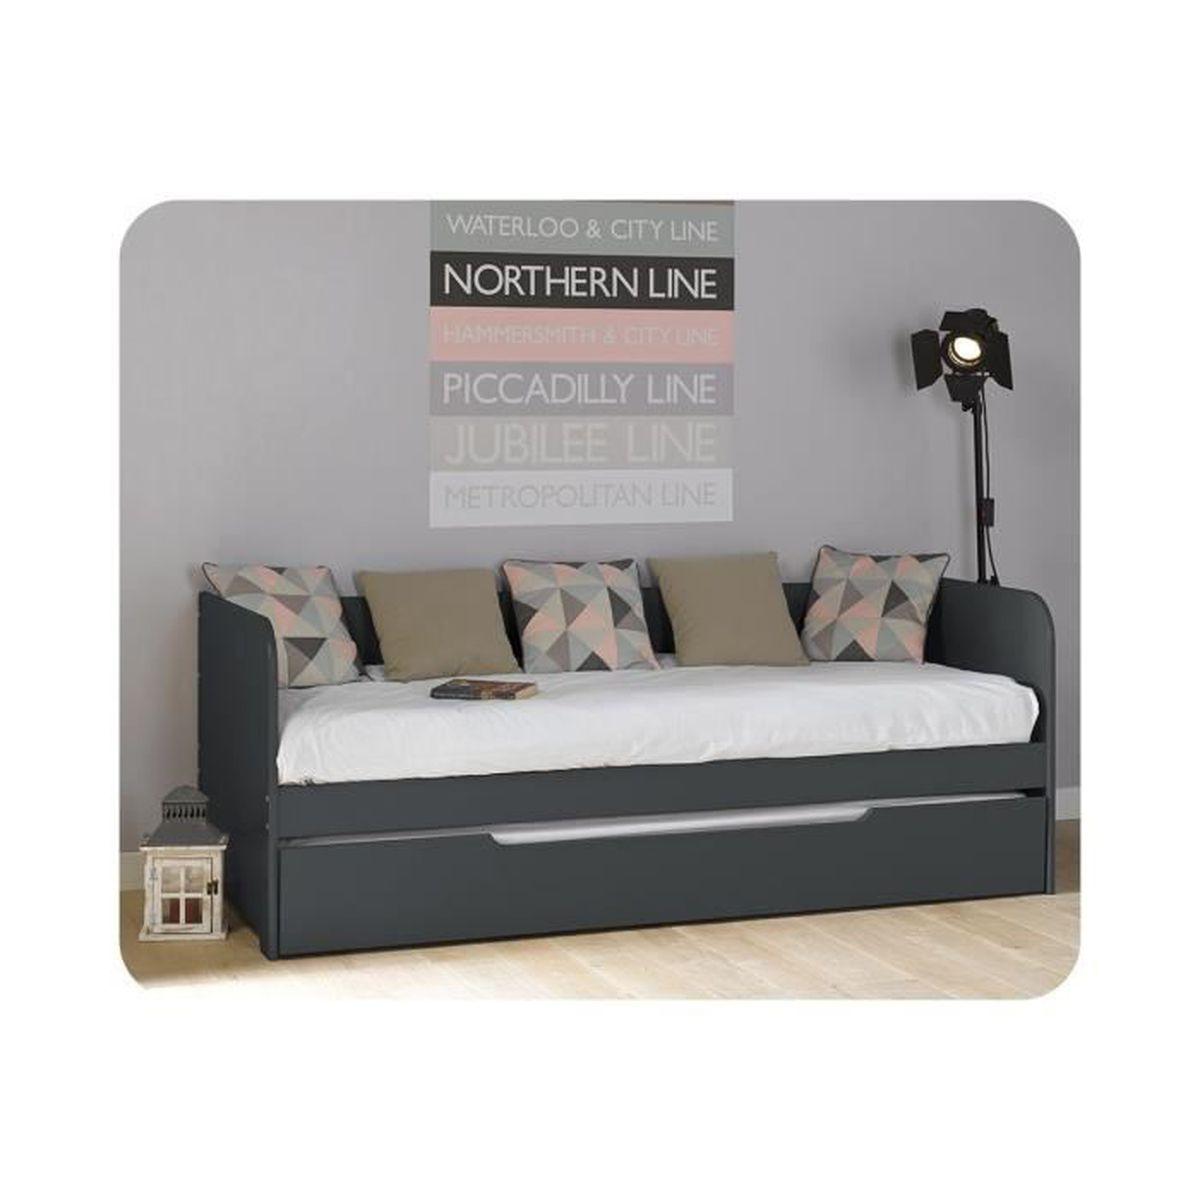 lit gigogne bali 80 x 200 cm gris fonc achat vente lit gigogne lit gigogne bali 80 x 200 c. Black Bedroom Furniture Sets. Home Design Ideas